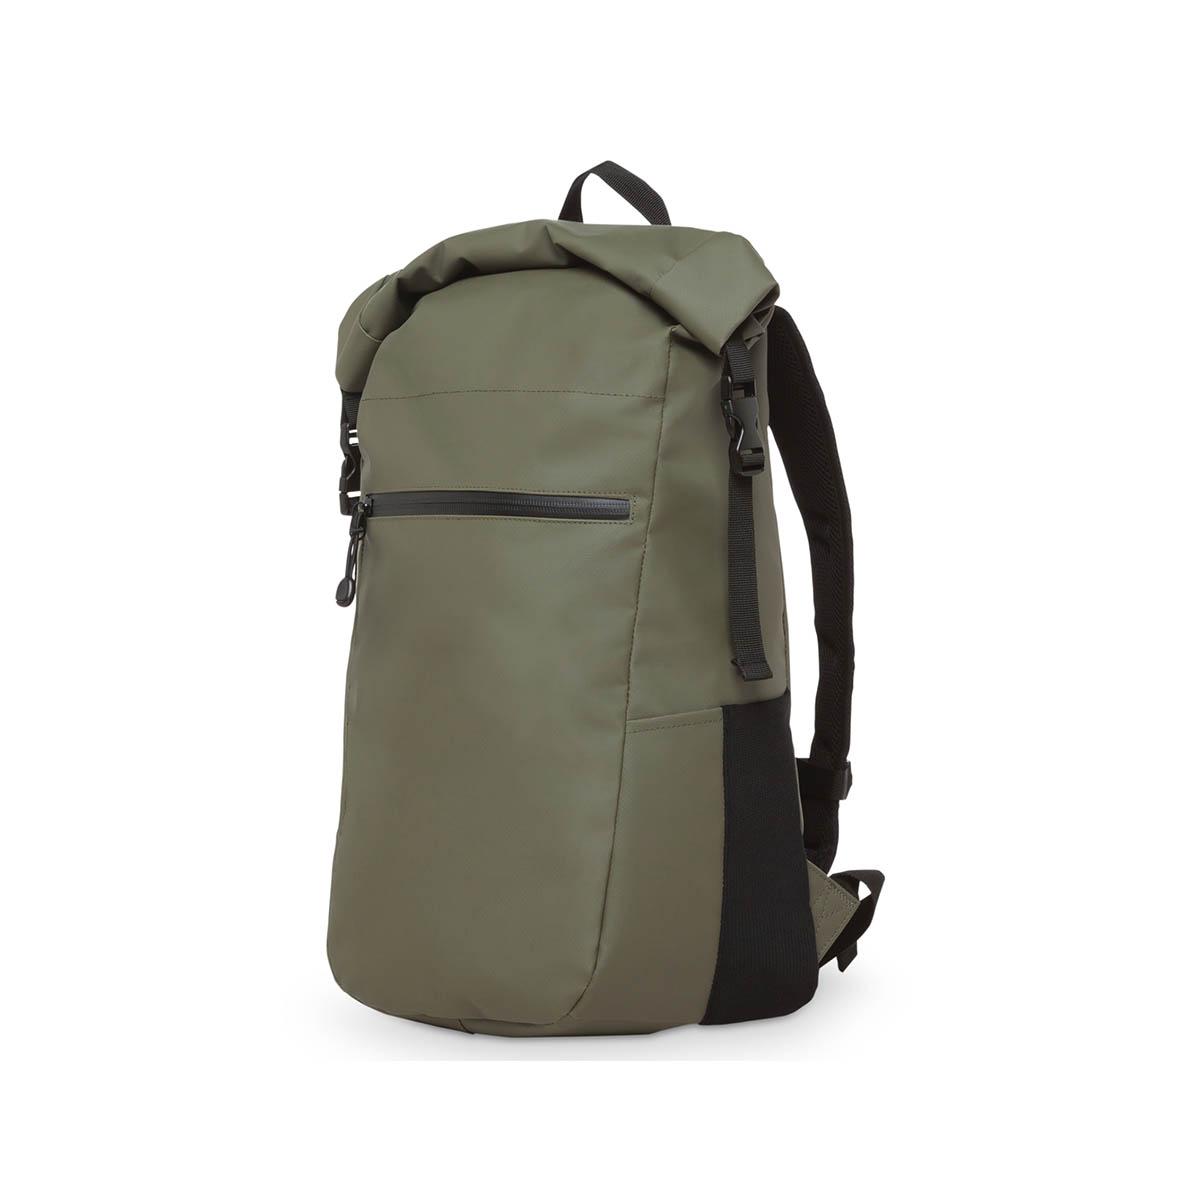 Olive rolltop backpack